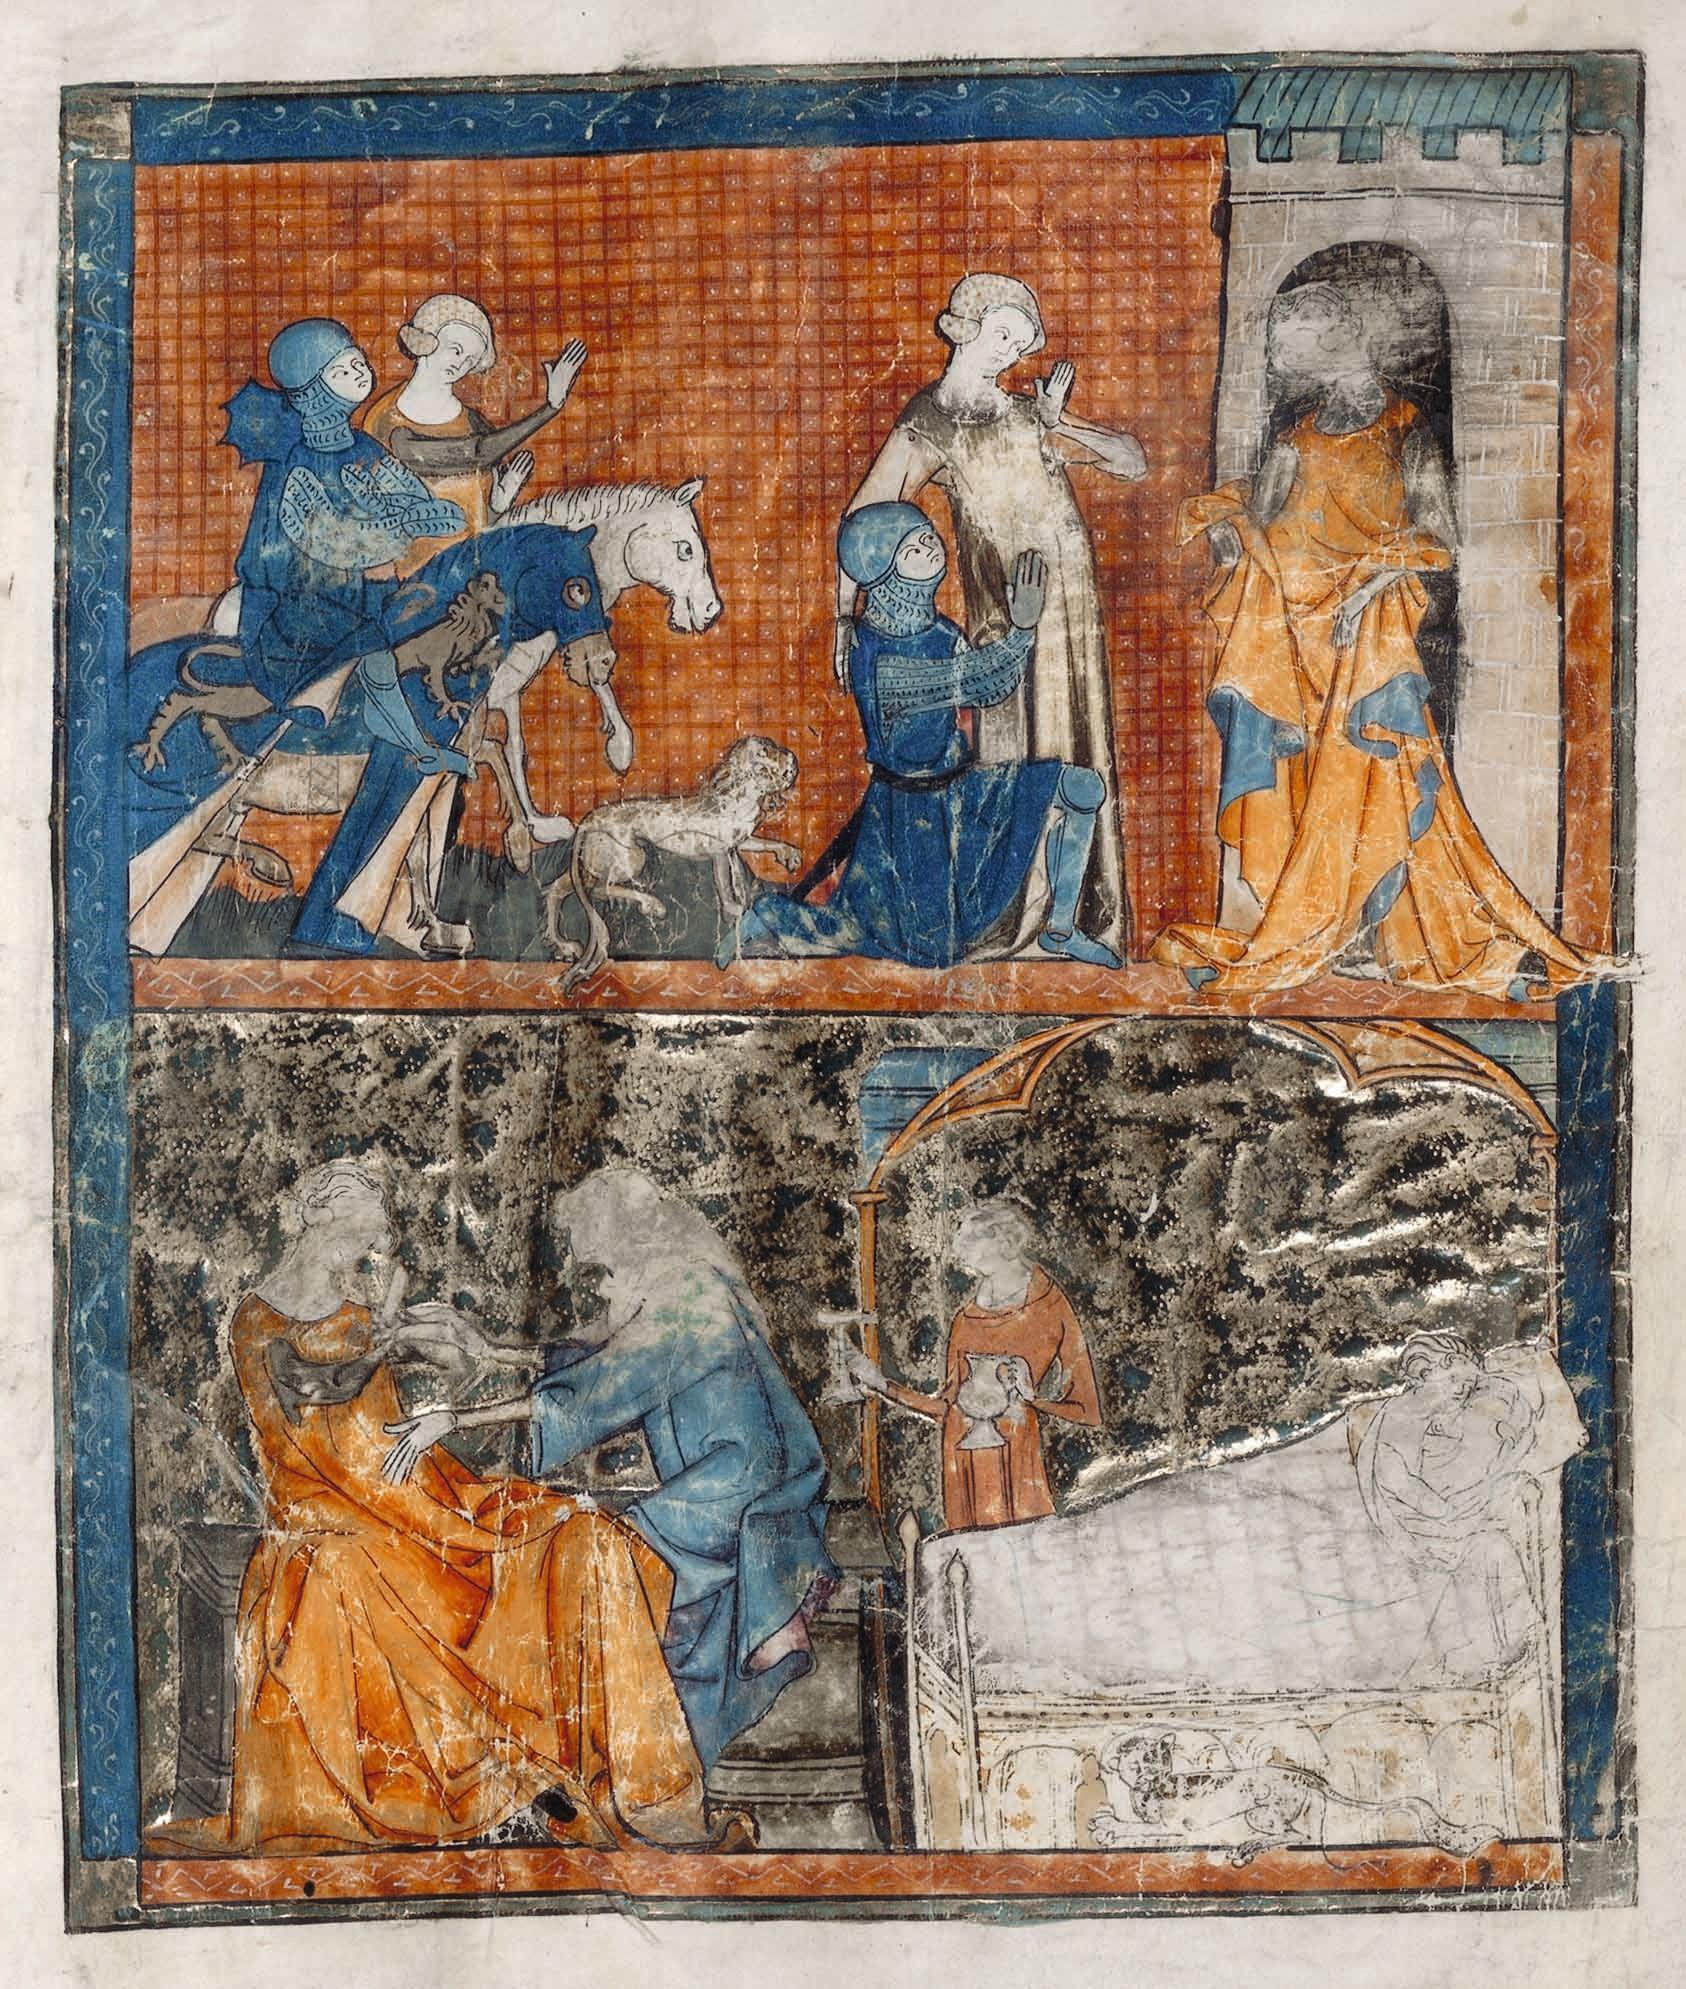 Chrétien de Troyes, Yvain ou le Chevalier au lion, 1177-1181, manuscrit copié vers 1325, BnF.